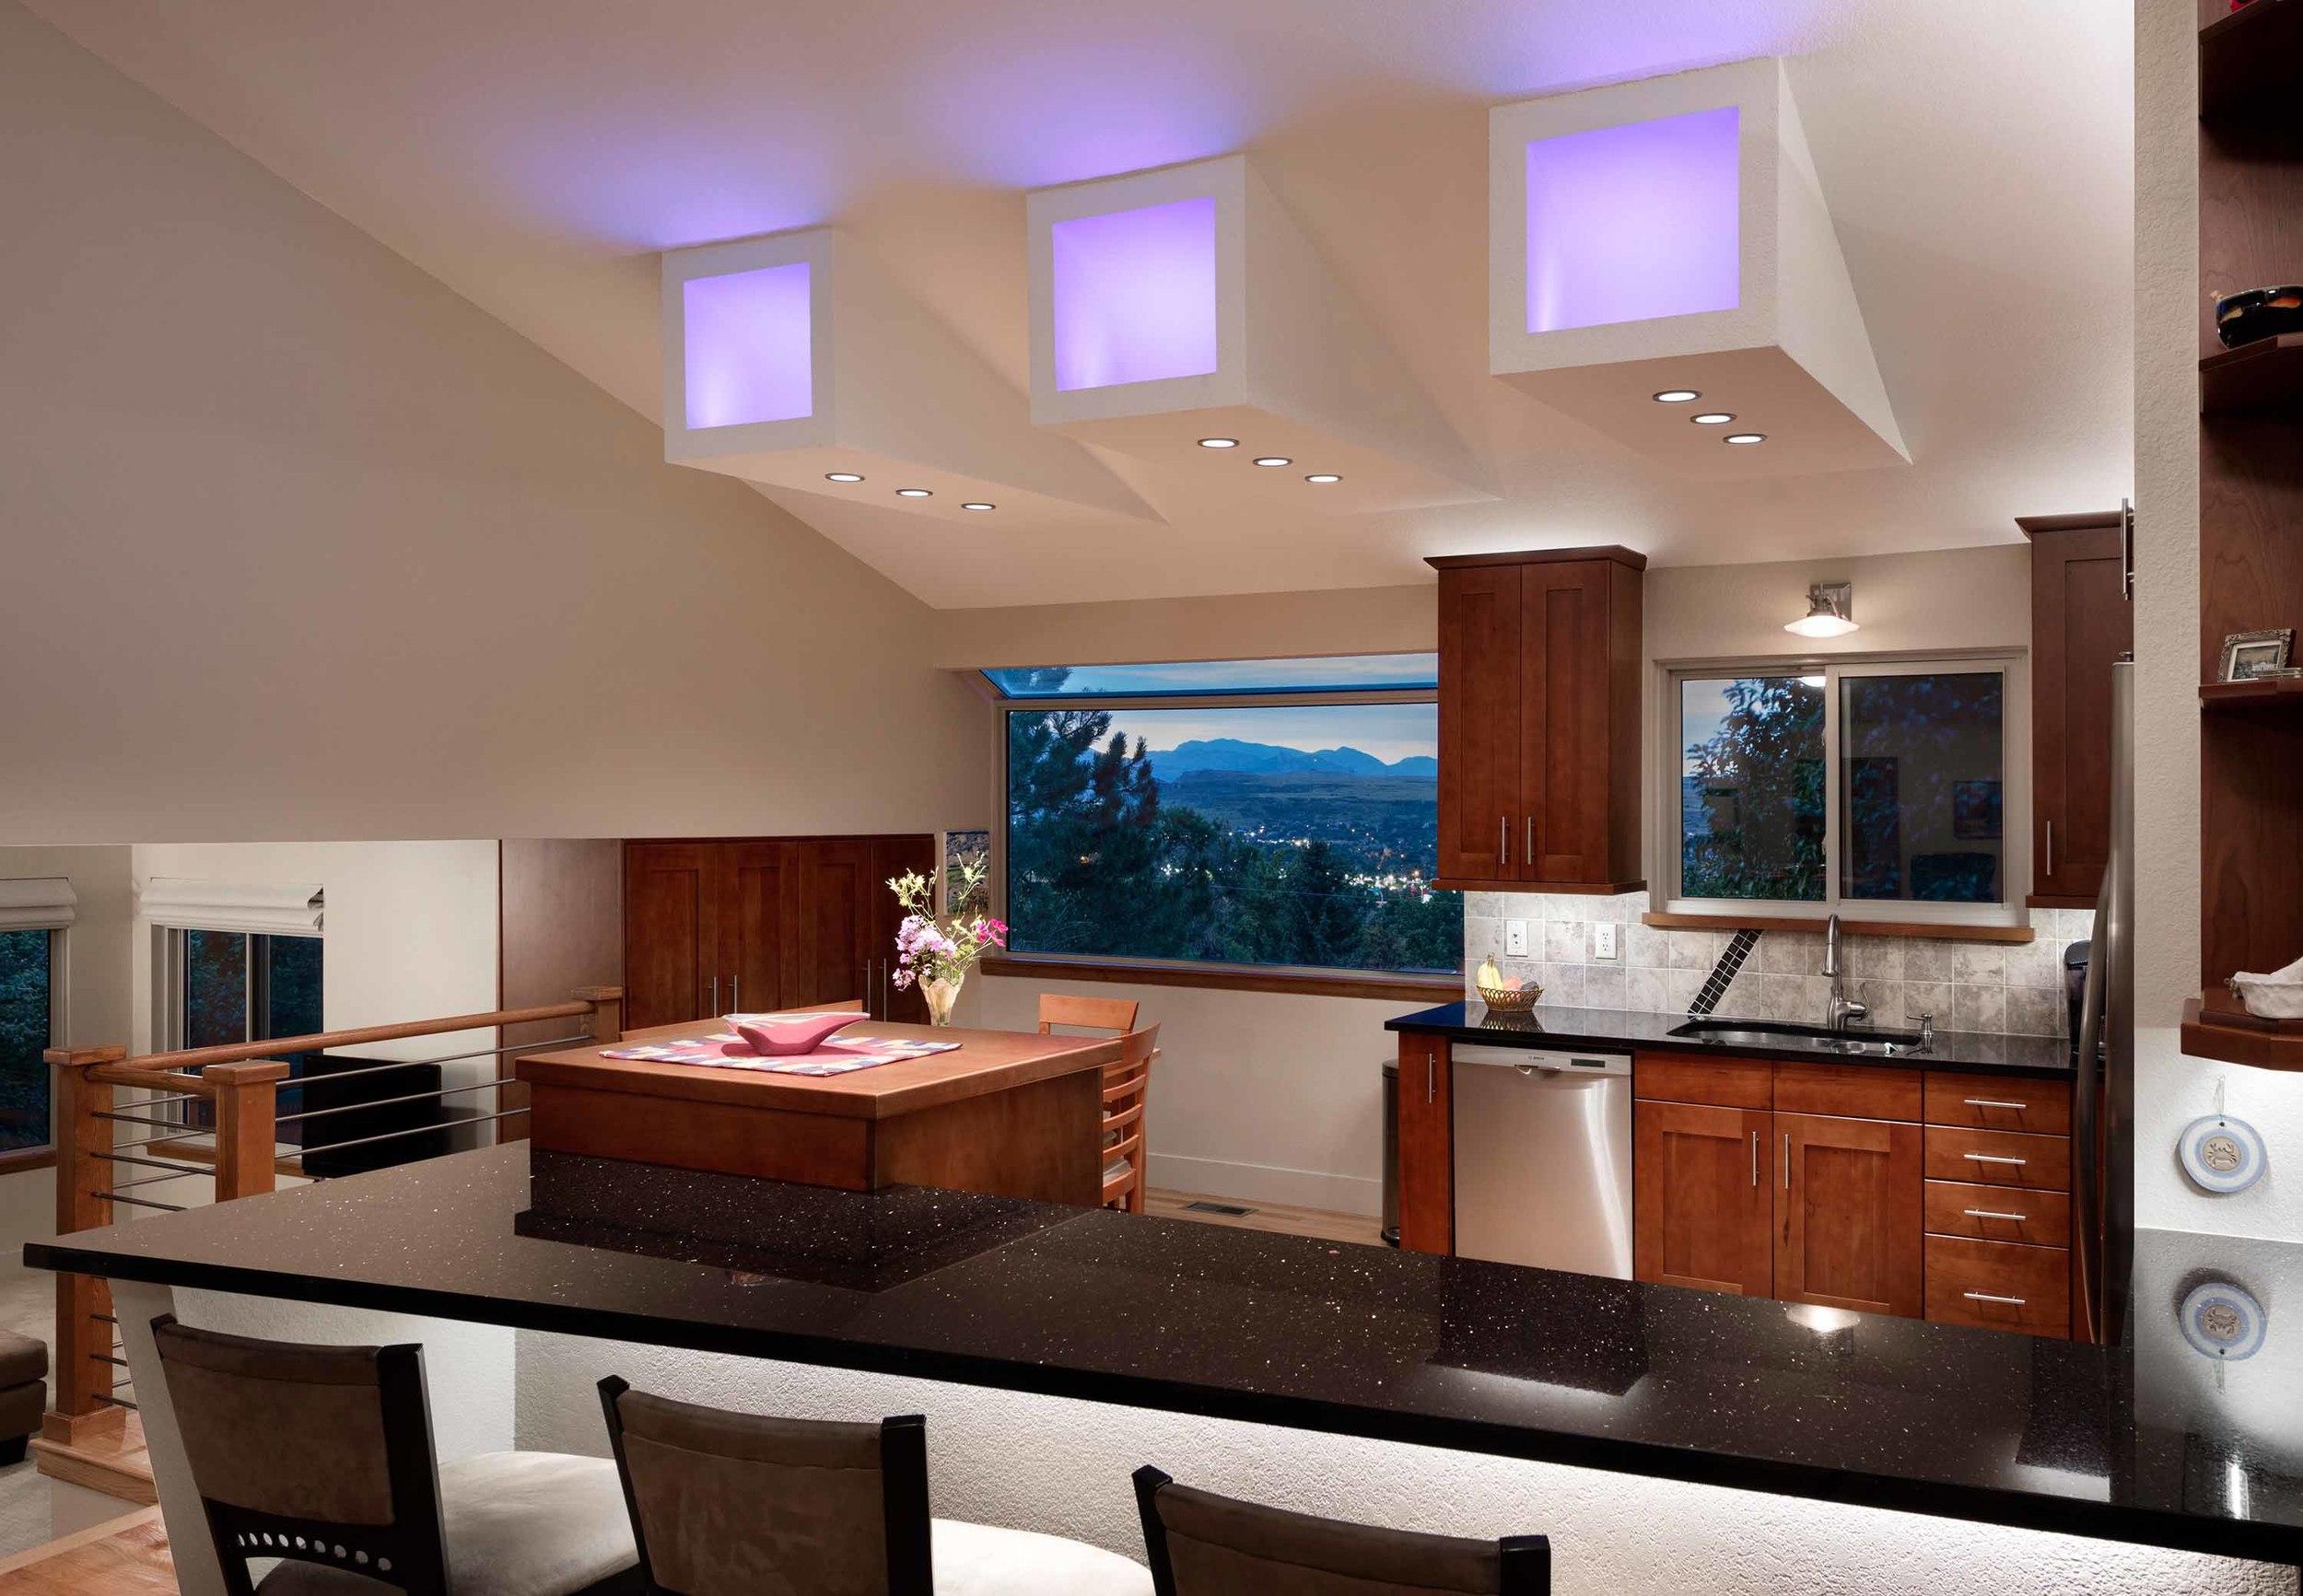 33457566_1-kitchen.jpg